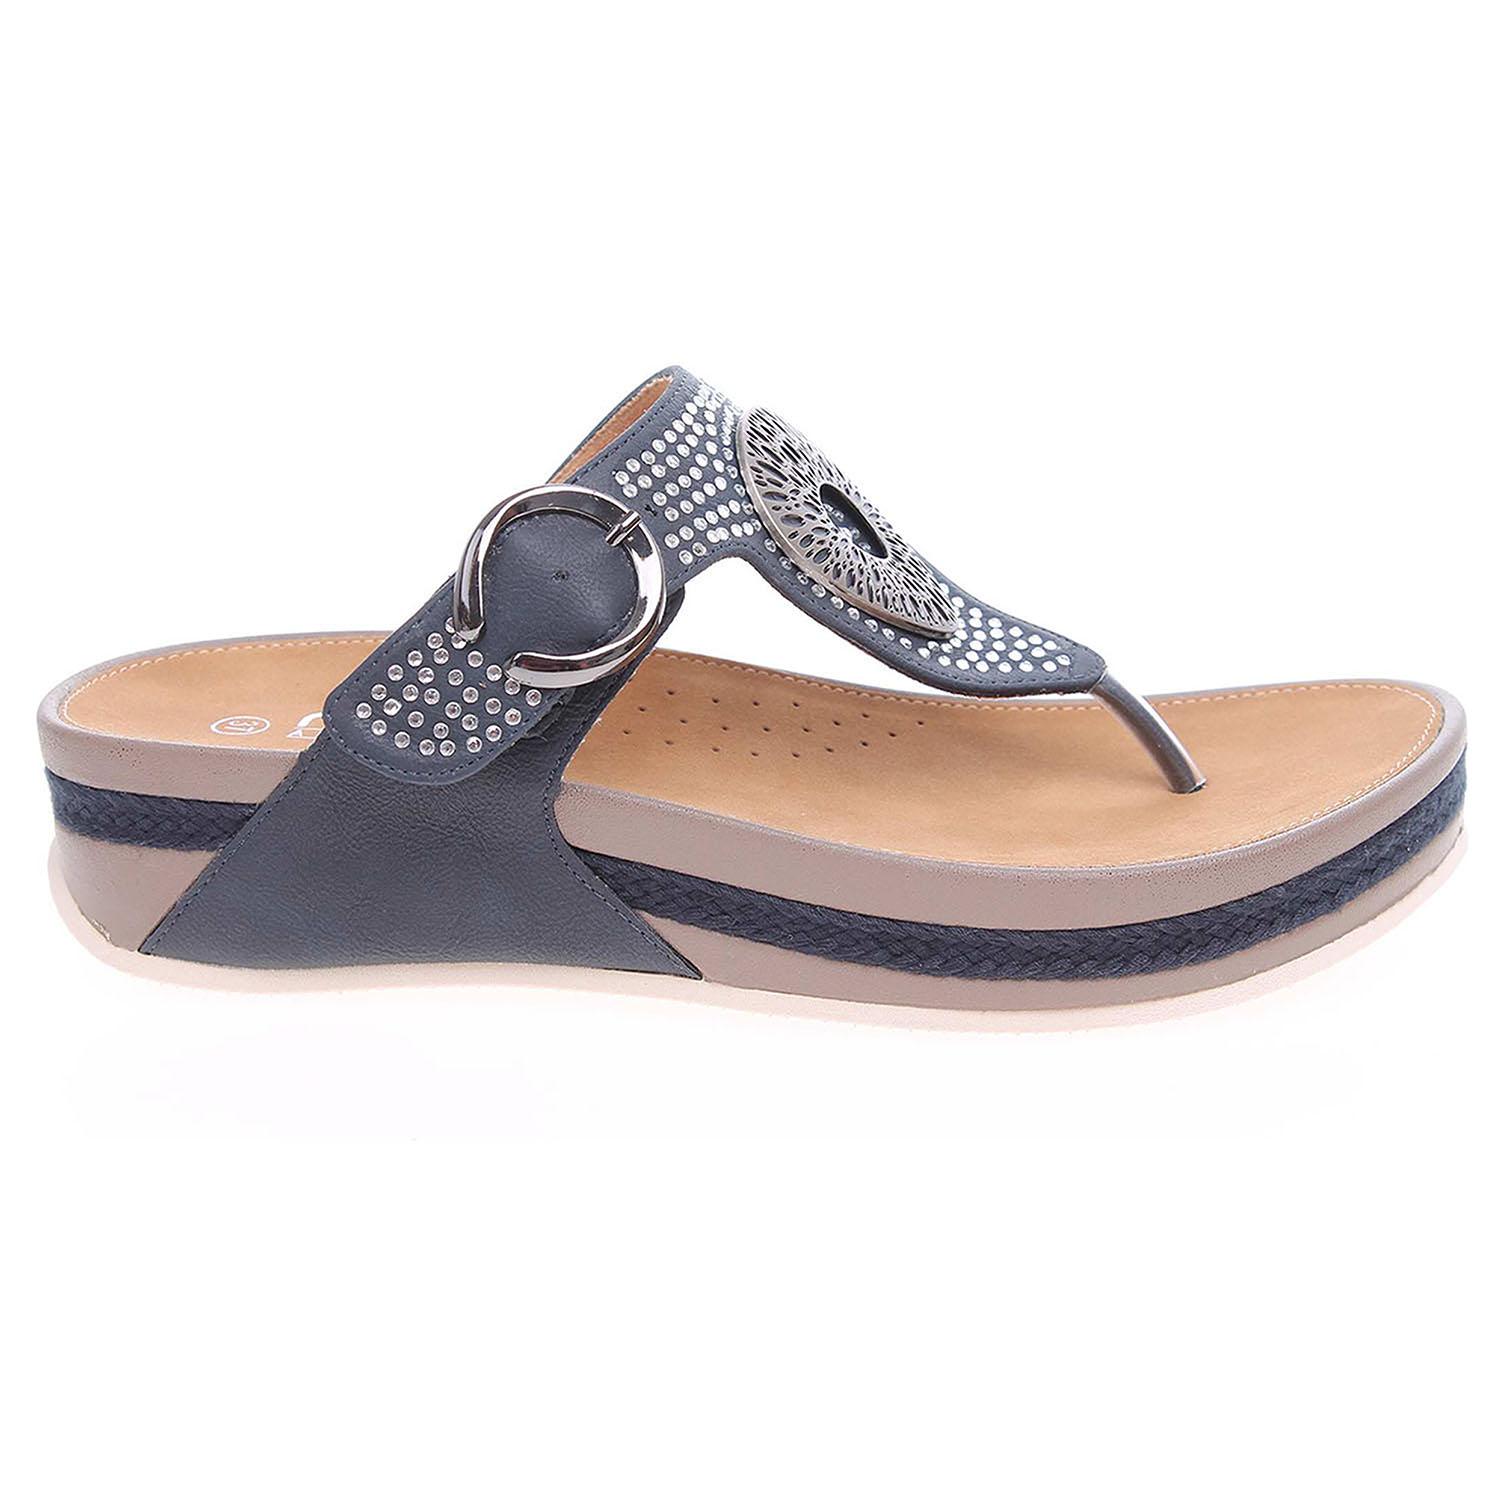 Ecco Rieker dámské pantofle V1460-14 modré 23600760